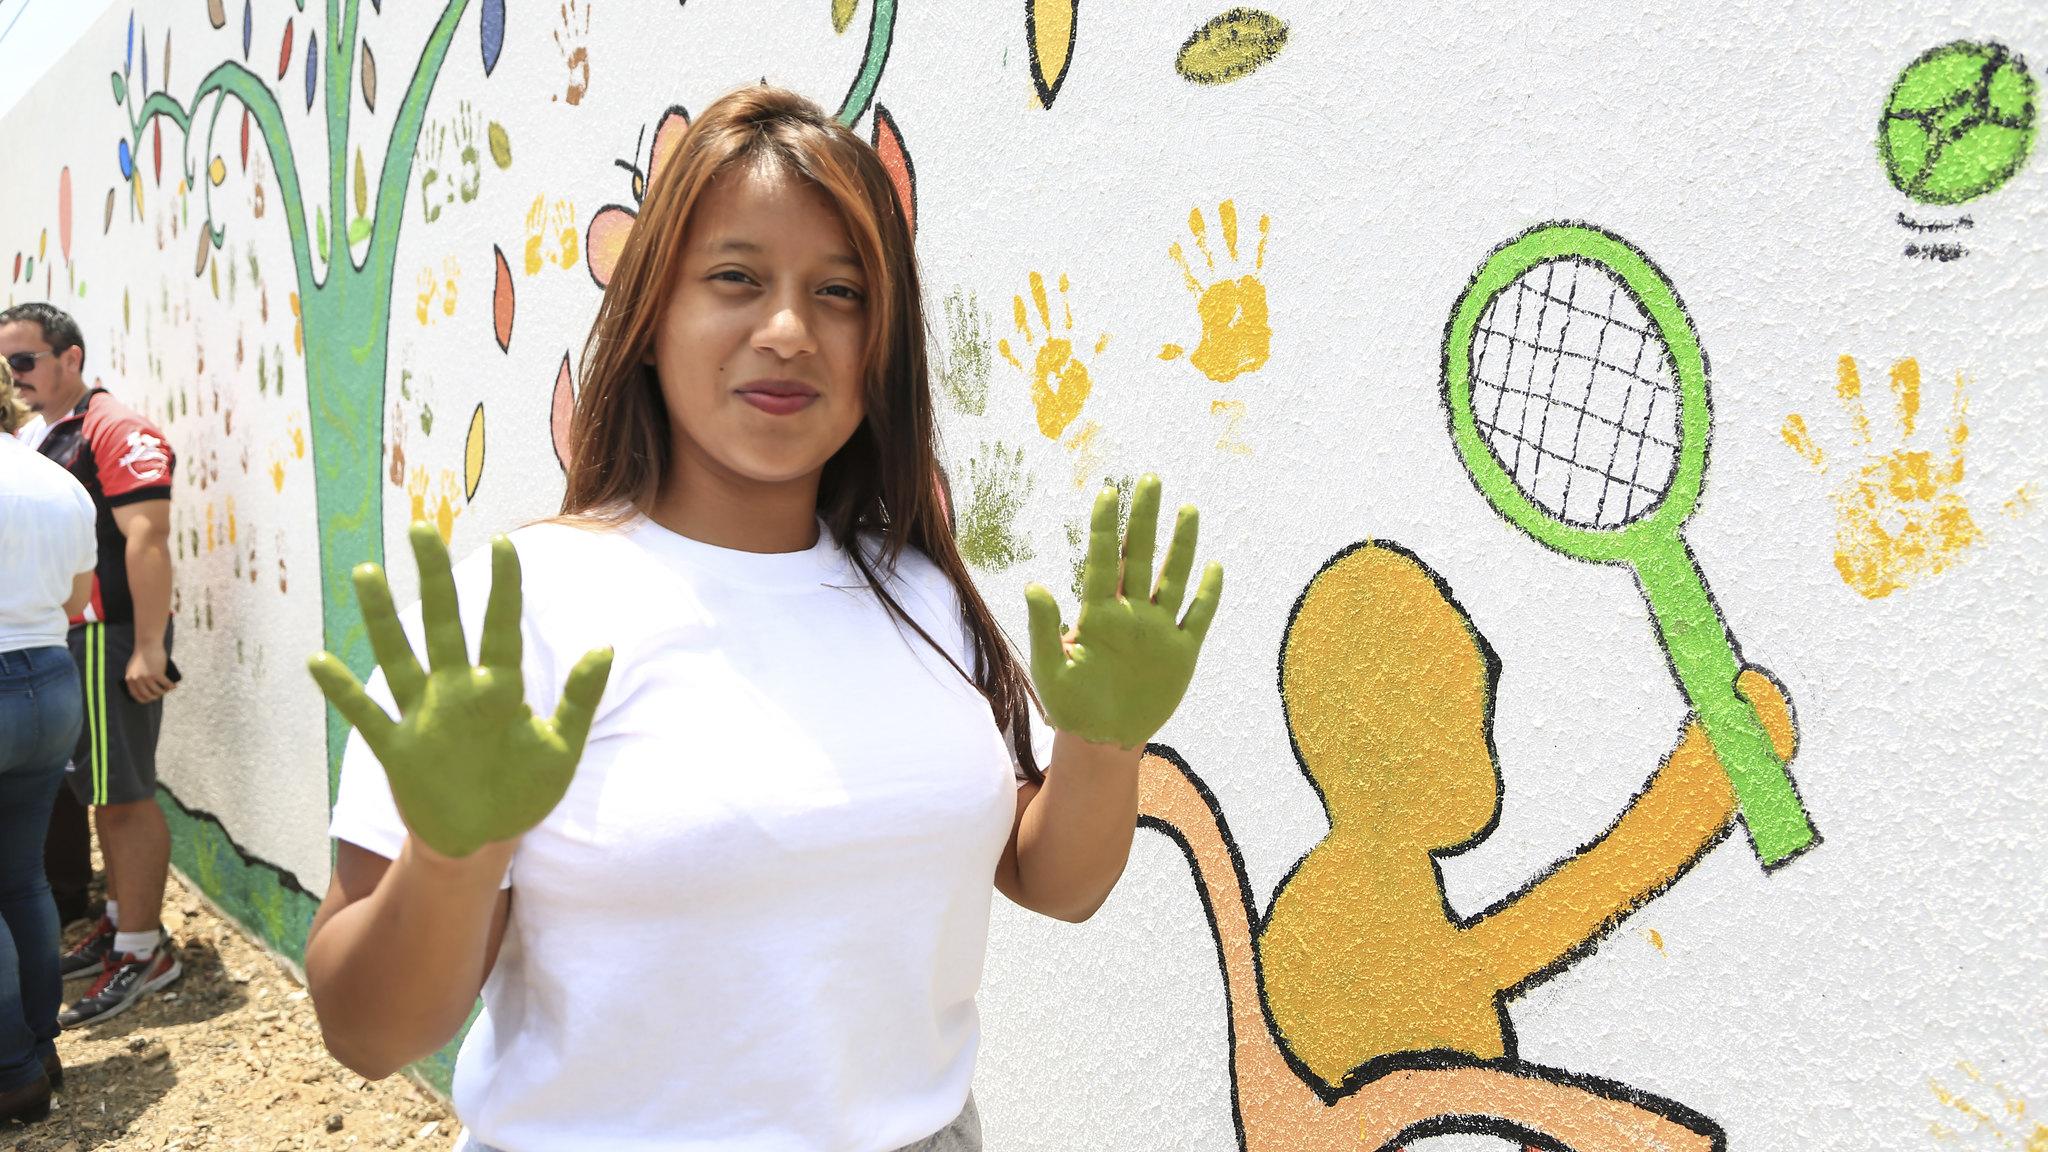 Programa de Educación Ambiental La Casa de Todos - Guayaquil - Unidad Educativa del Milenio Iliana Espinel